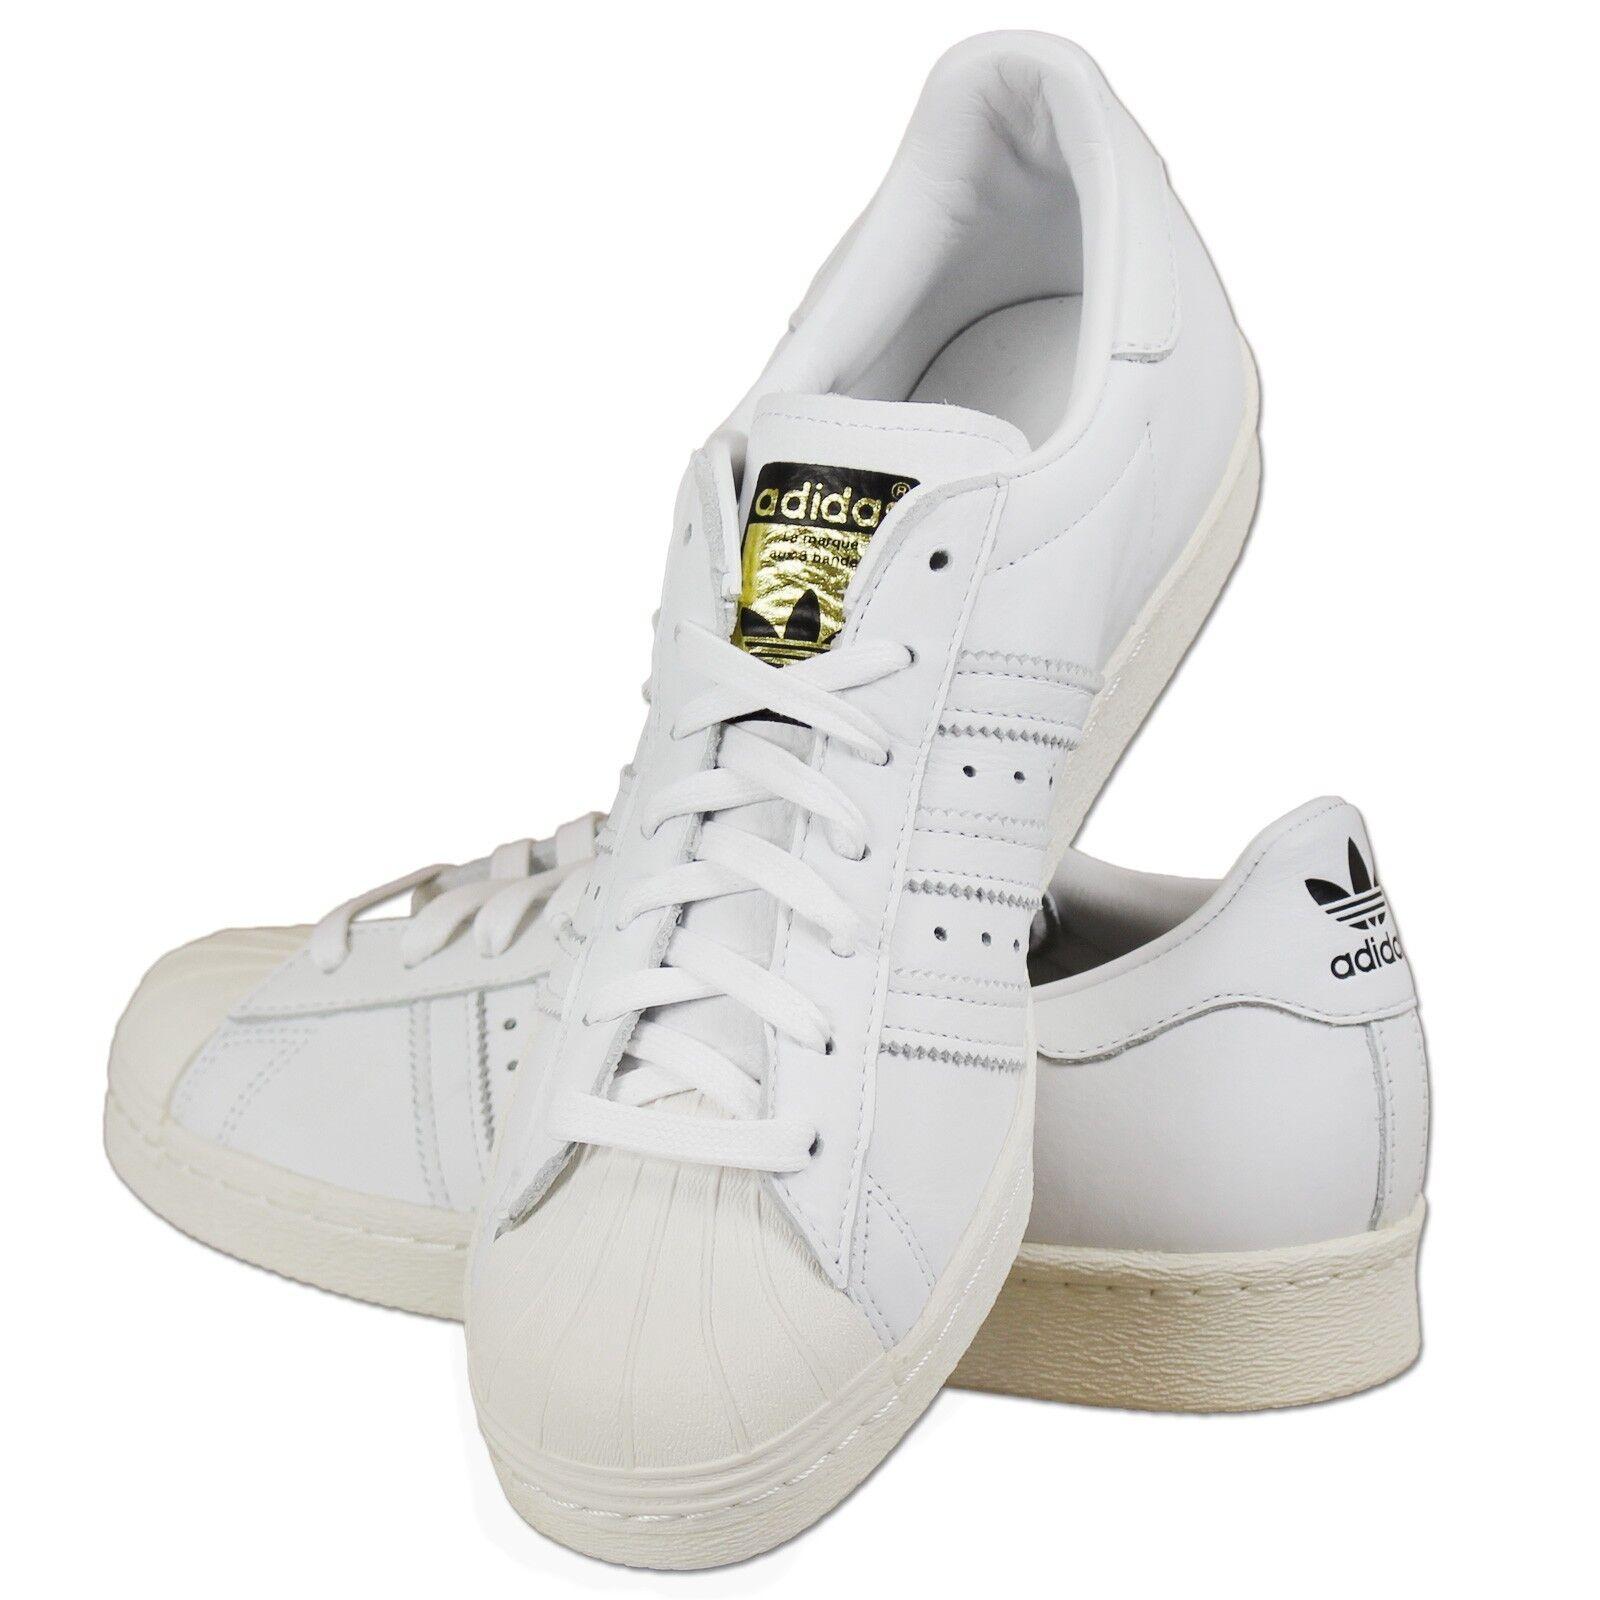 Adidas Adidas Adidas Superstar 70s Deluxe Retrosneaker Full-Grain-Leder White 37 1 3 28b2cb